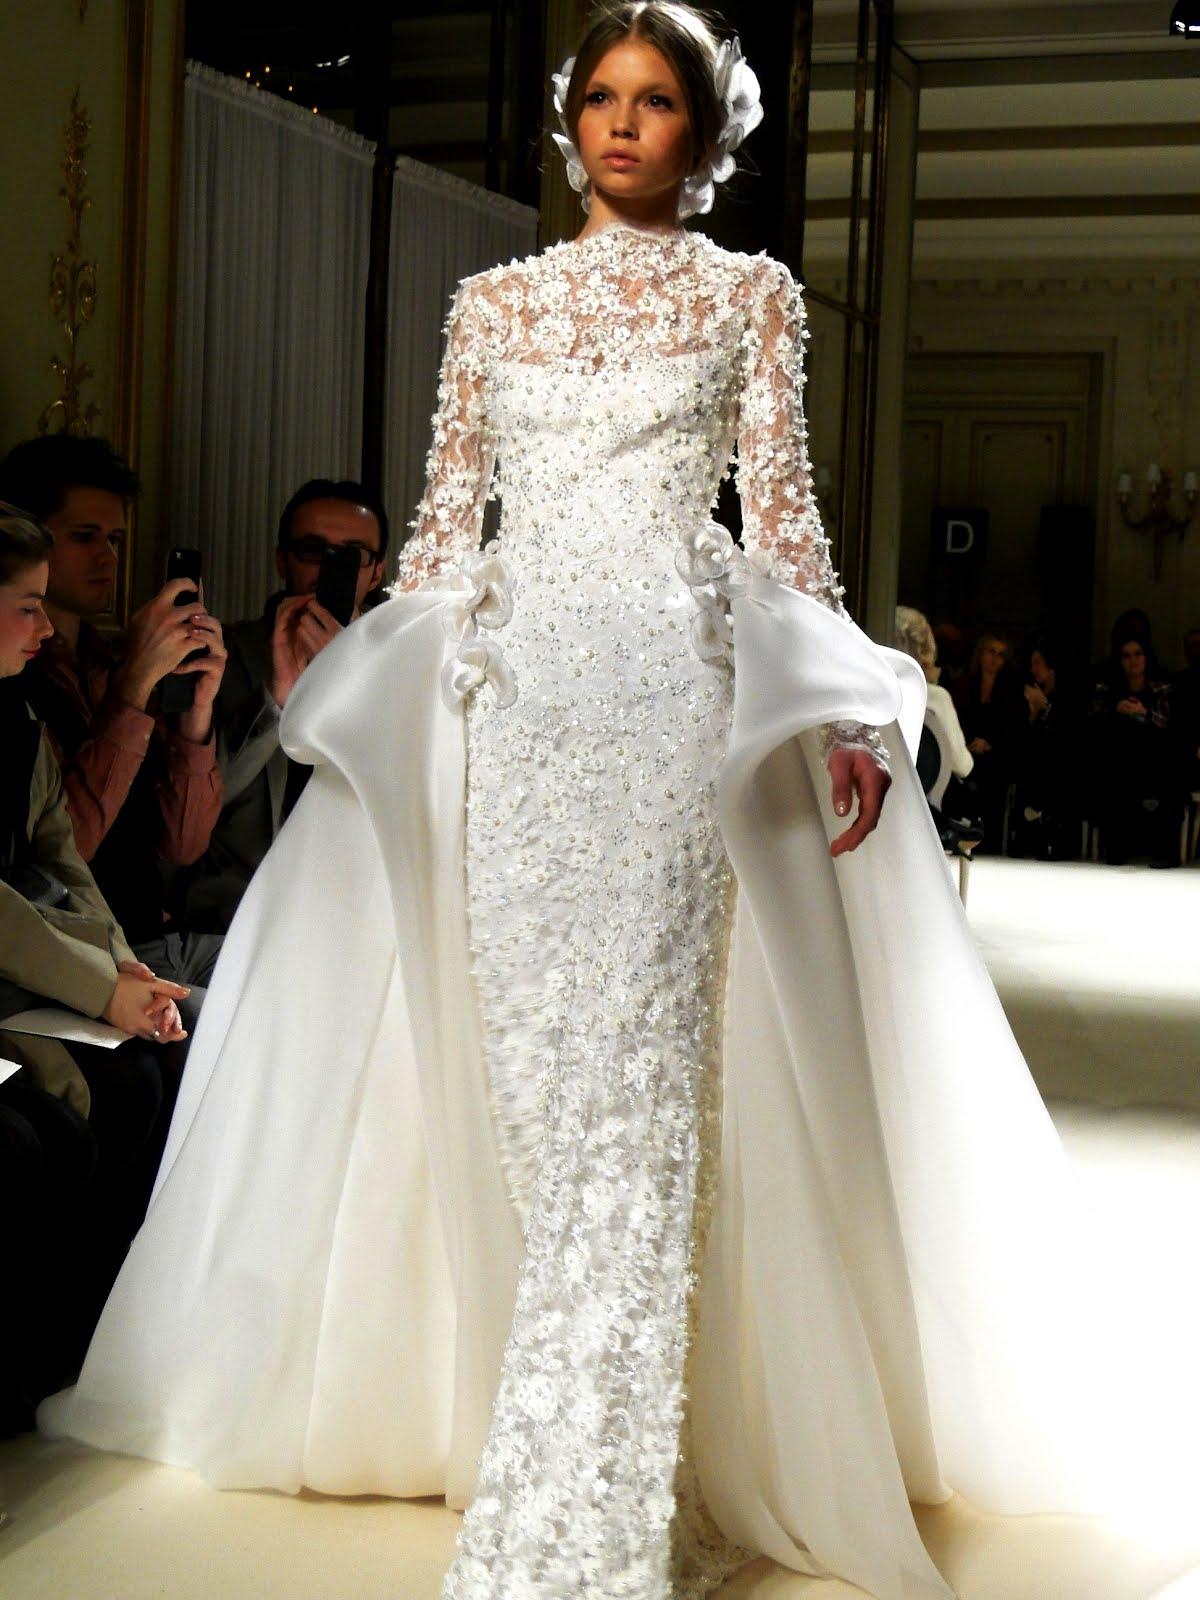 Chanel Bridal Desses Fashion Dresses